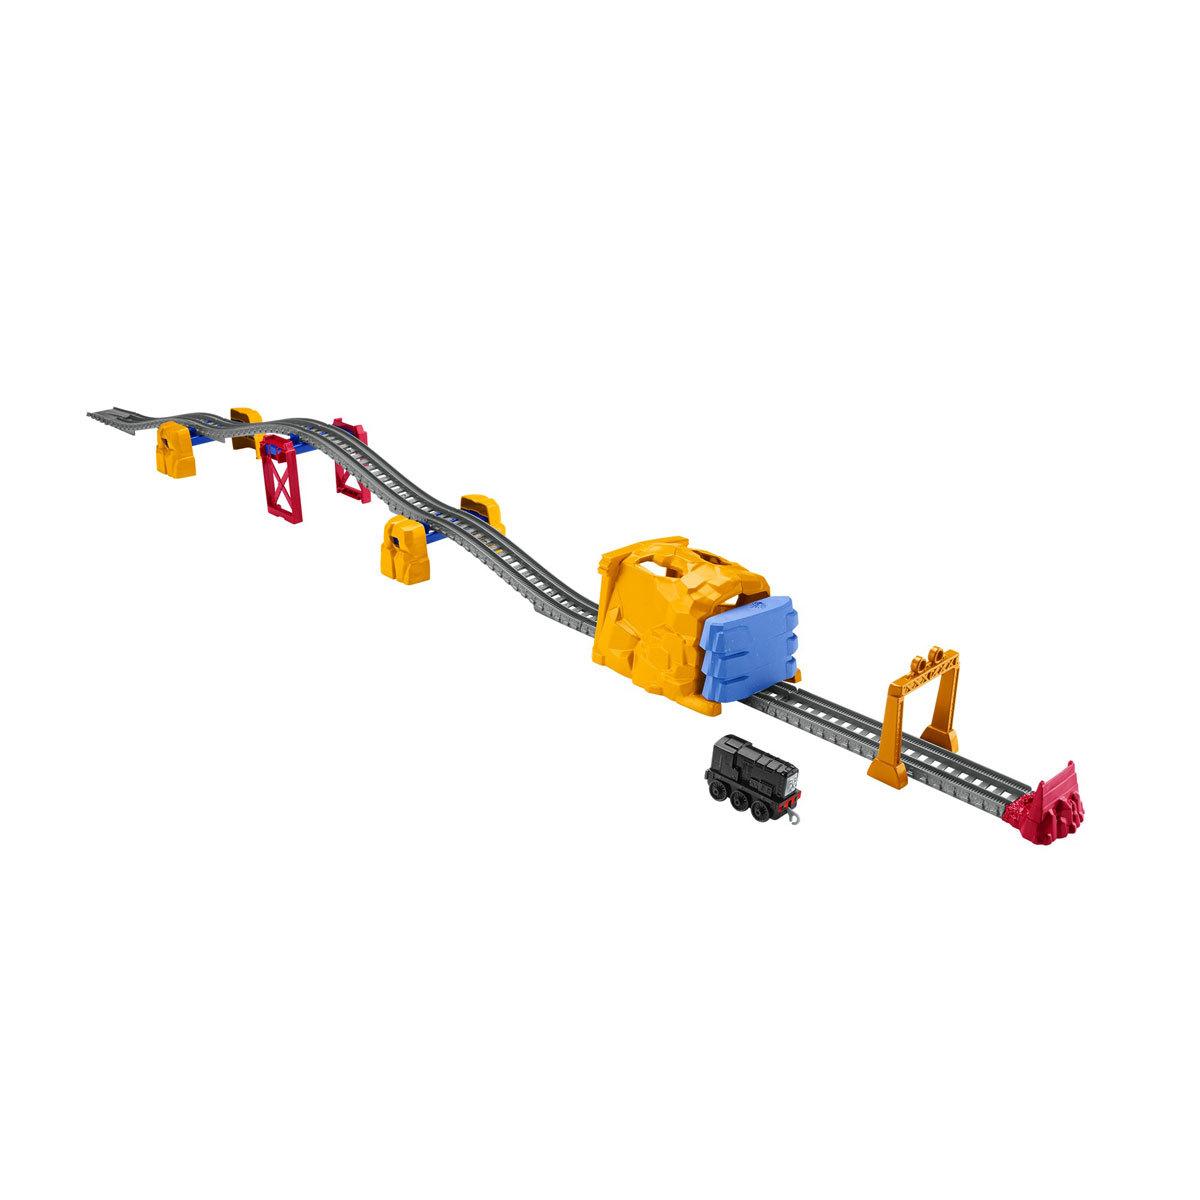 Fisher-Price Thomas & Friends Trackmaster - Diesel Tunnel Blast Train Set